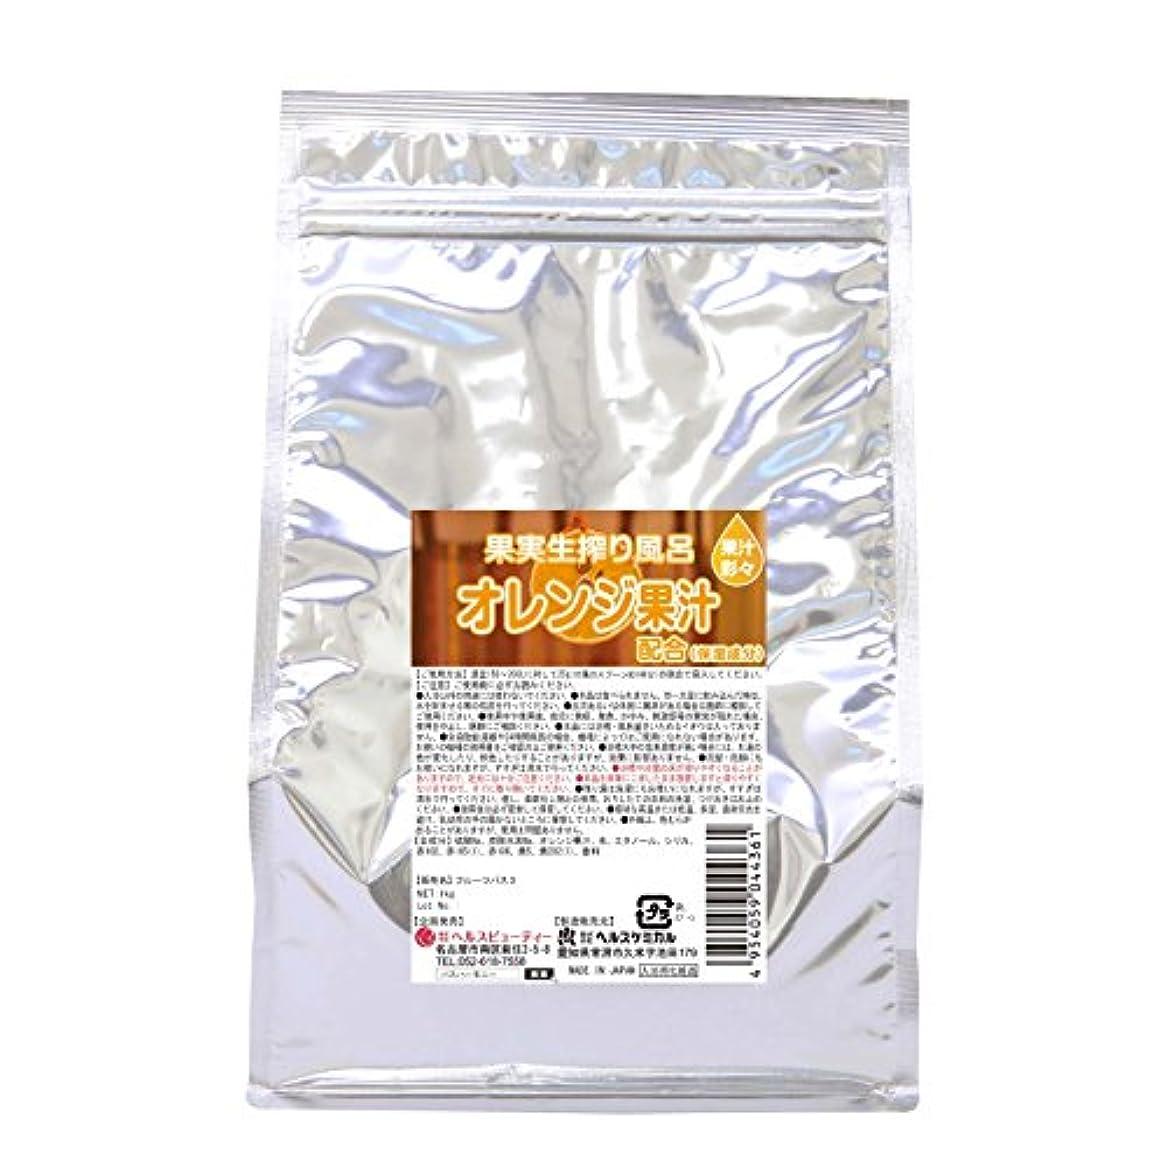 ロデオ親トラフィック入浴剤 湯匠仕込 オレンジ果汁配合 1kg 50回分 お徳用